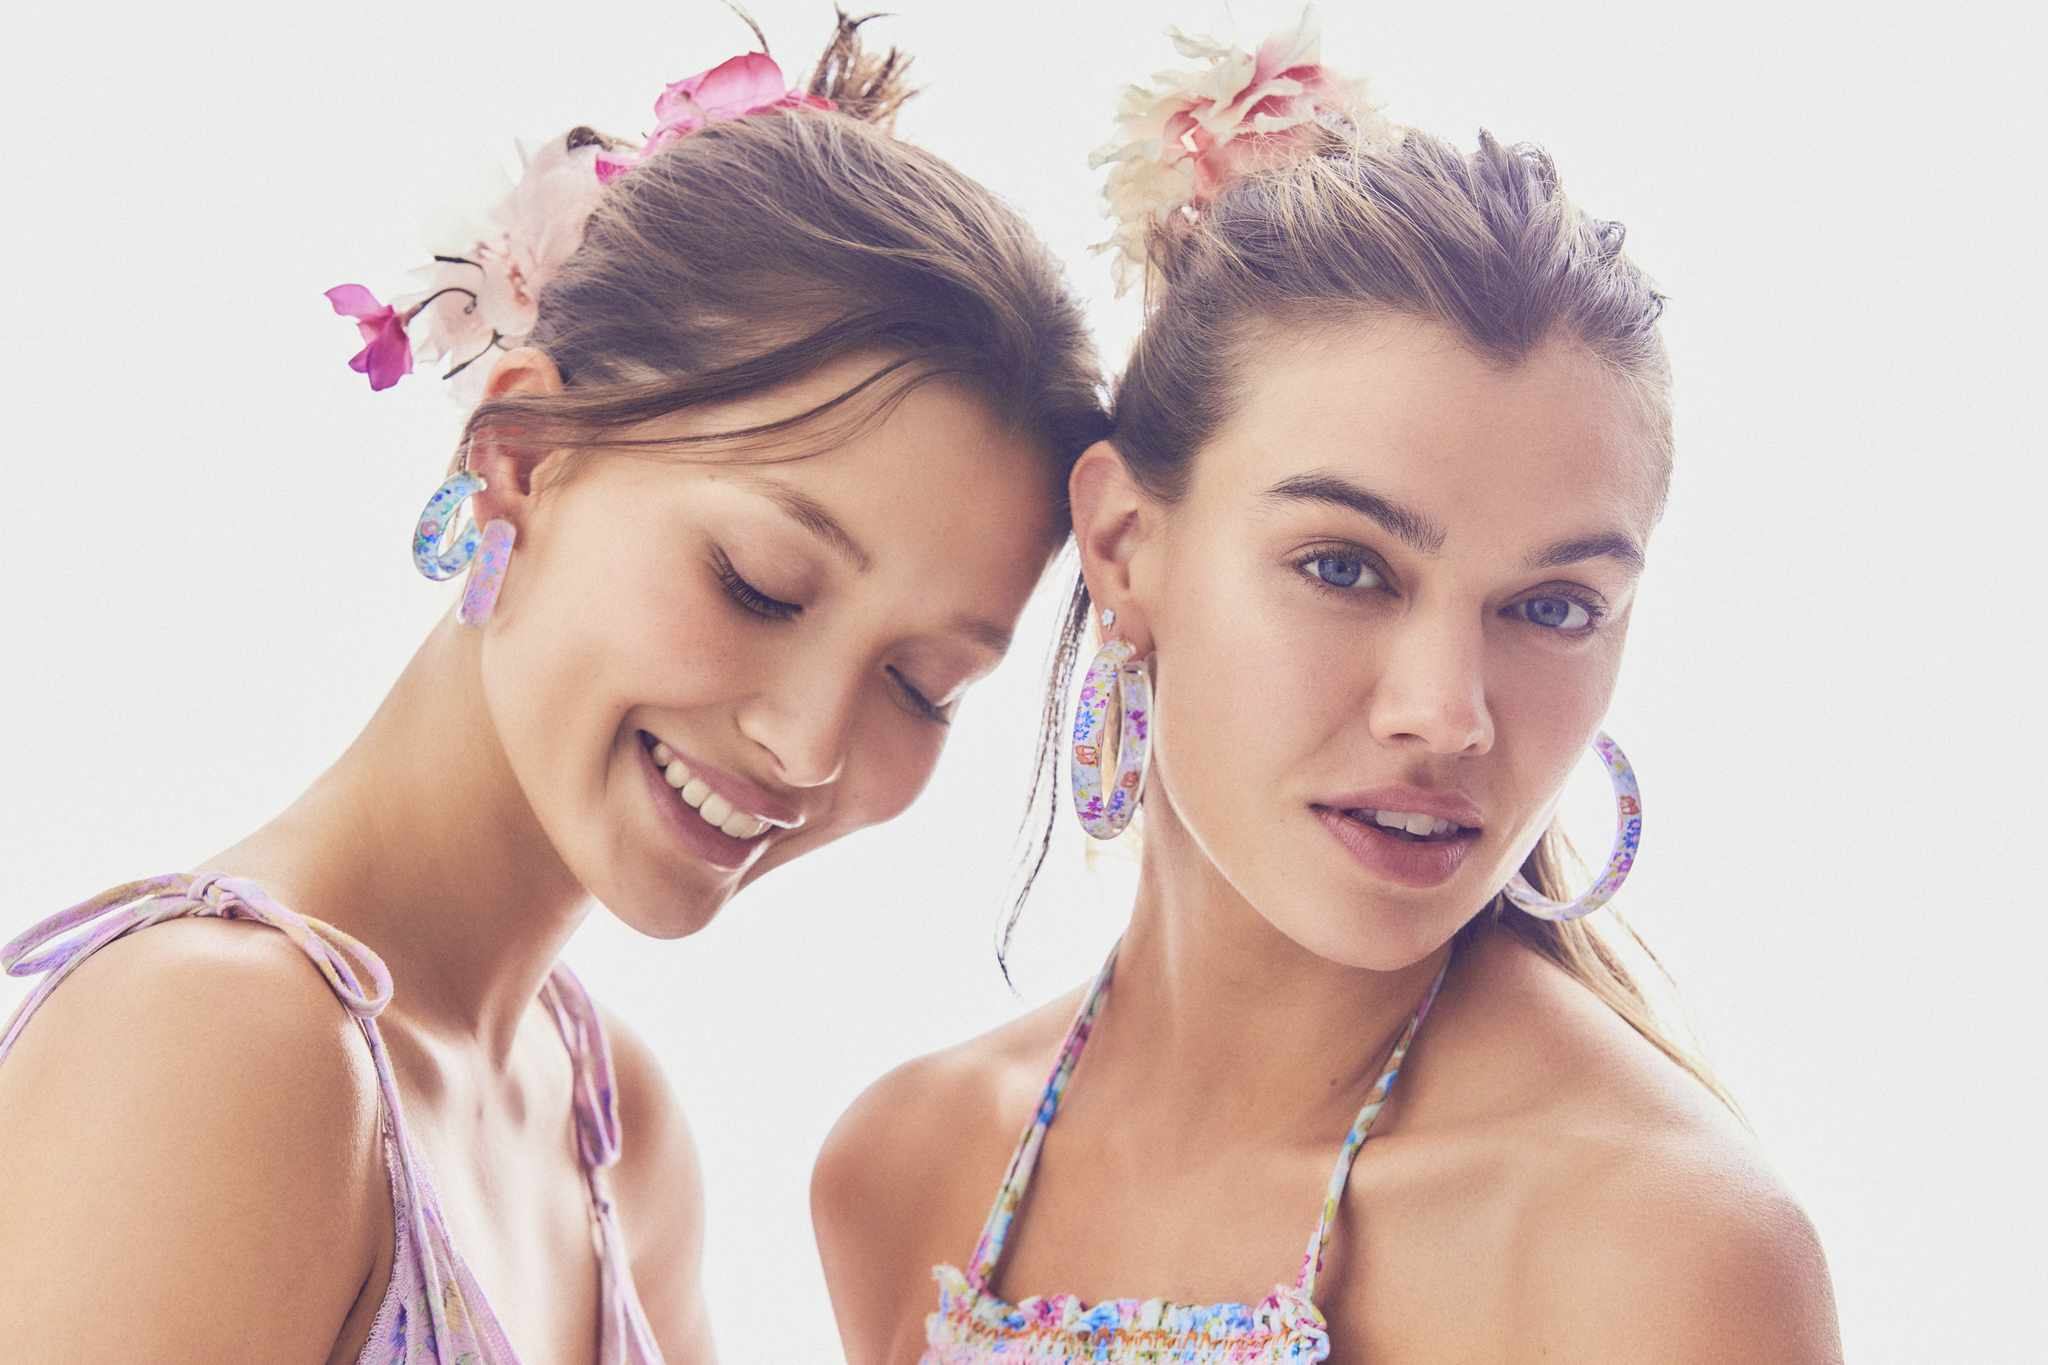 Two girls wearing earrings.